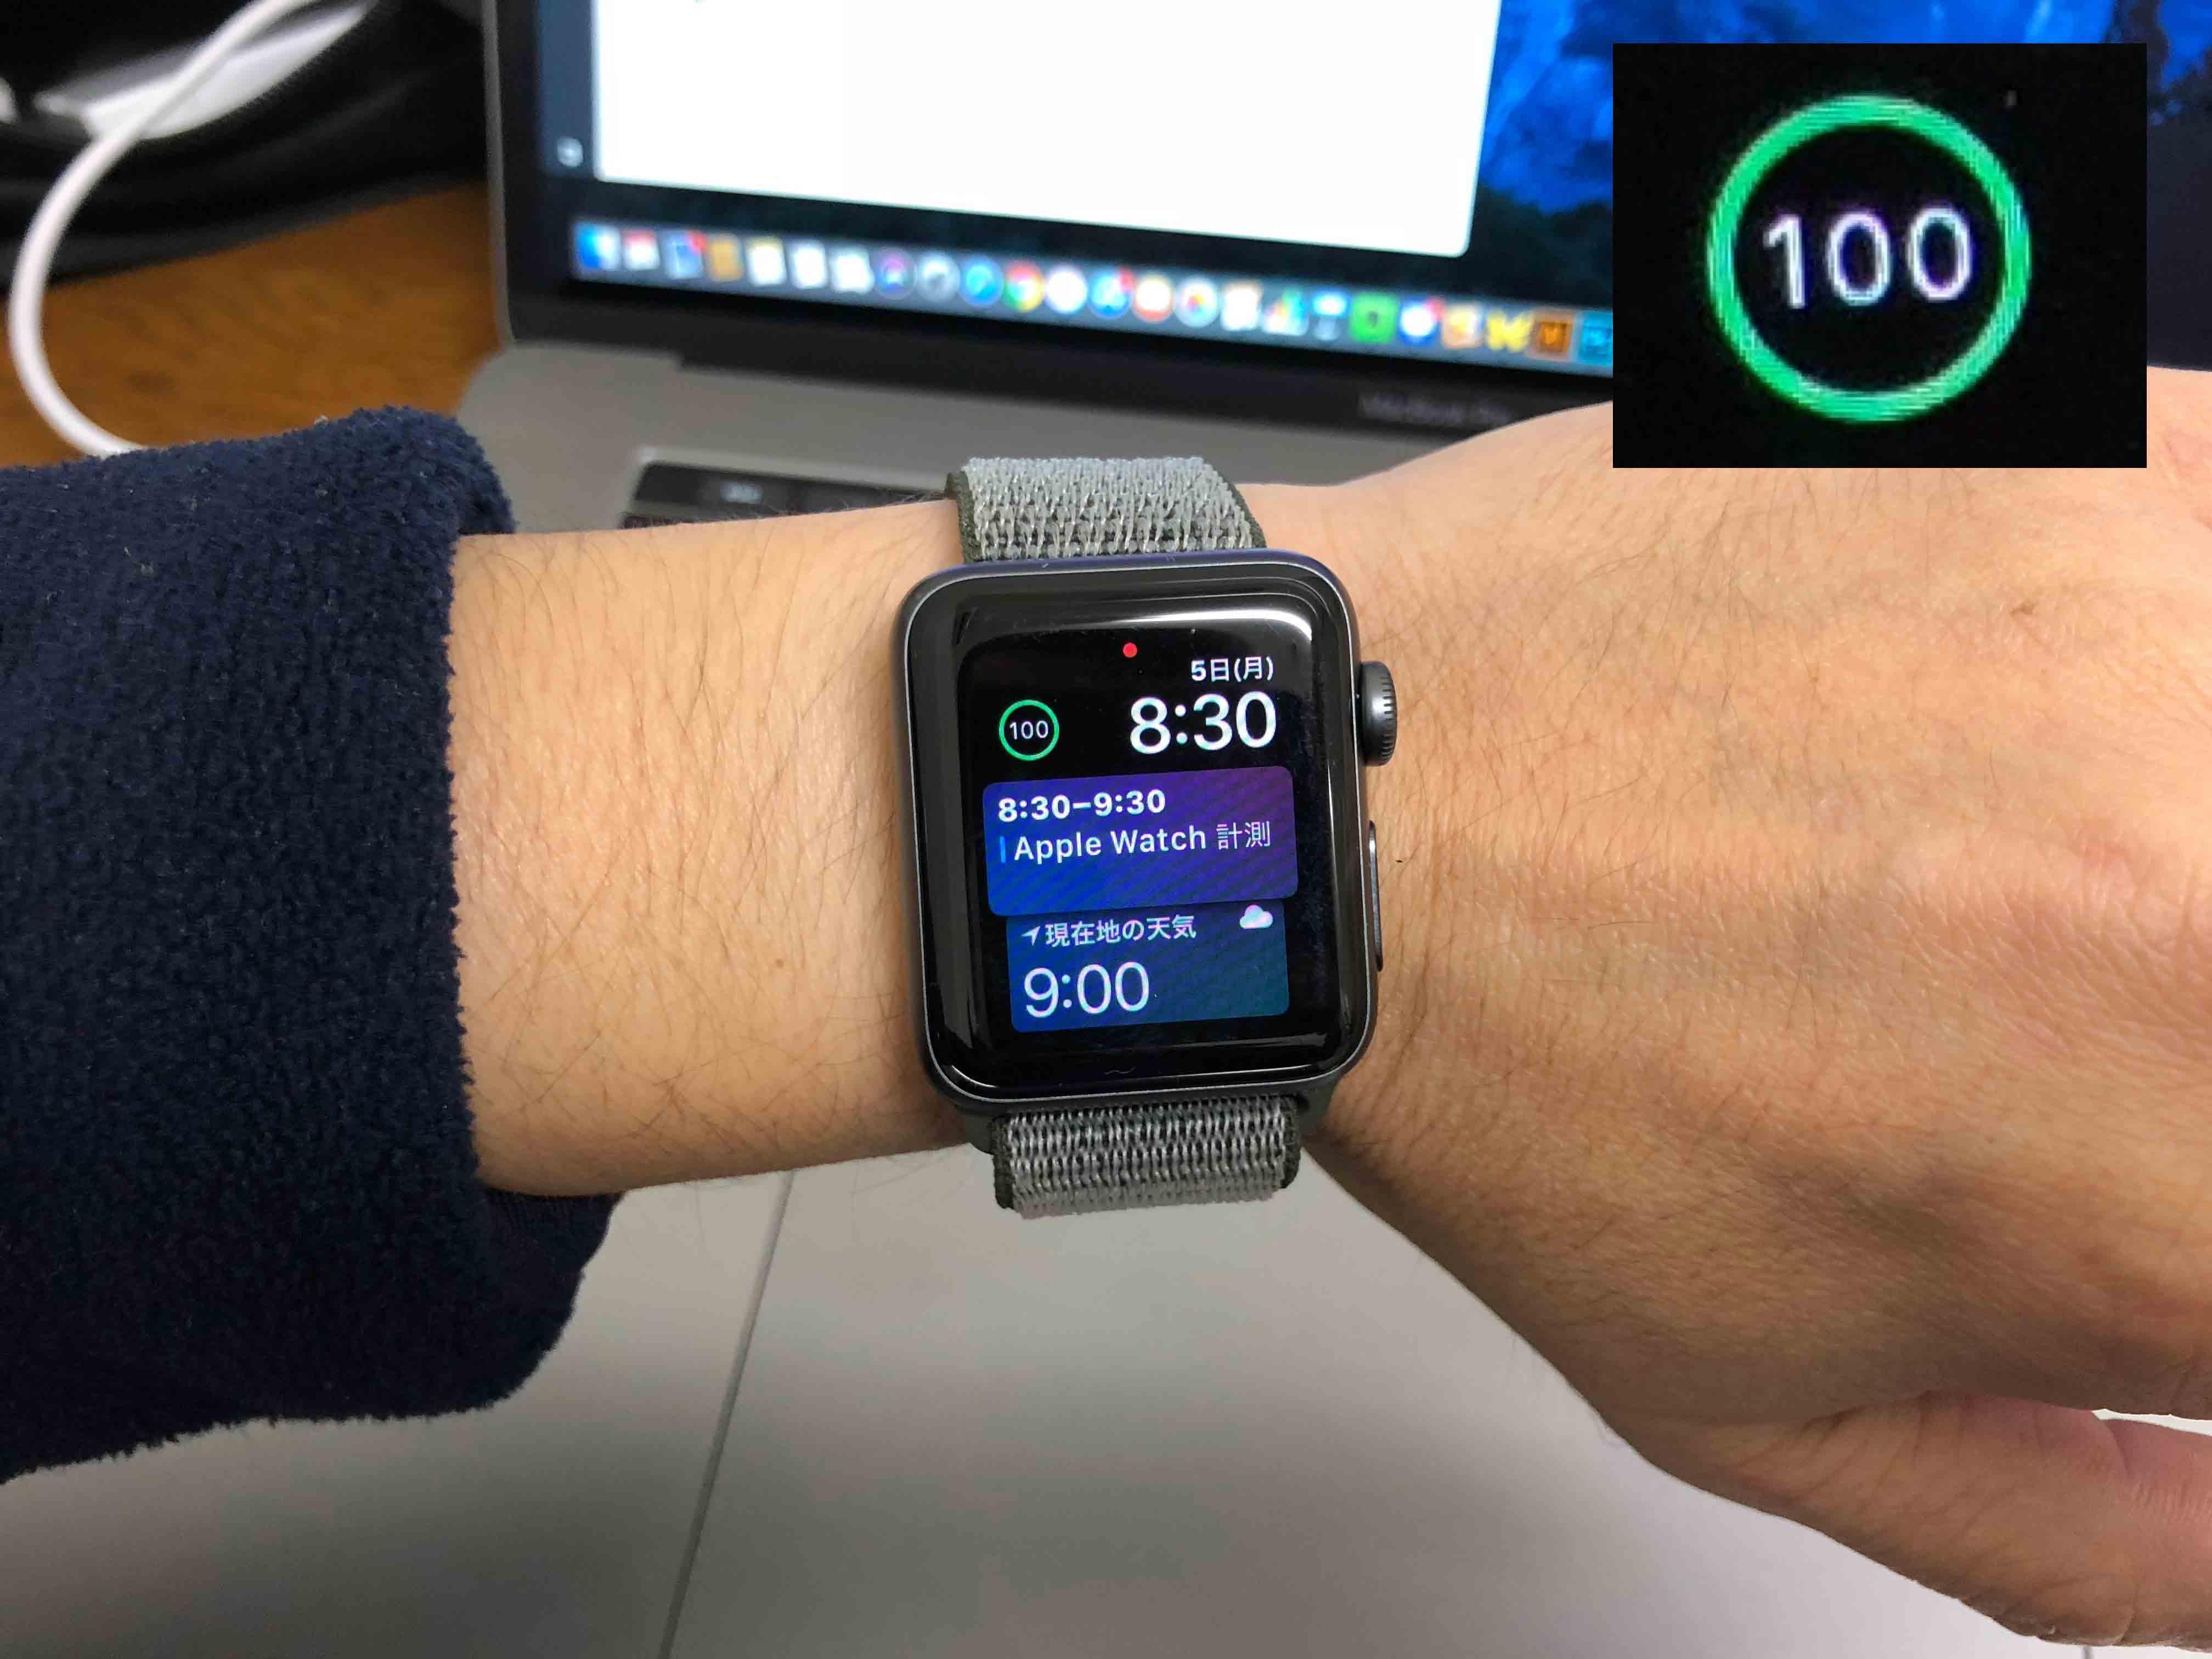 AppleWatchバッテリ100%ーに関する写真